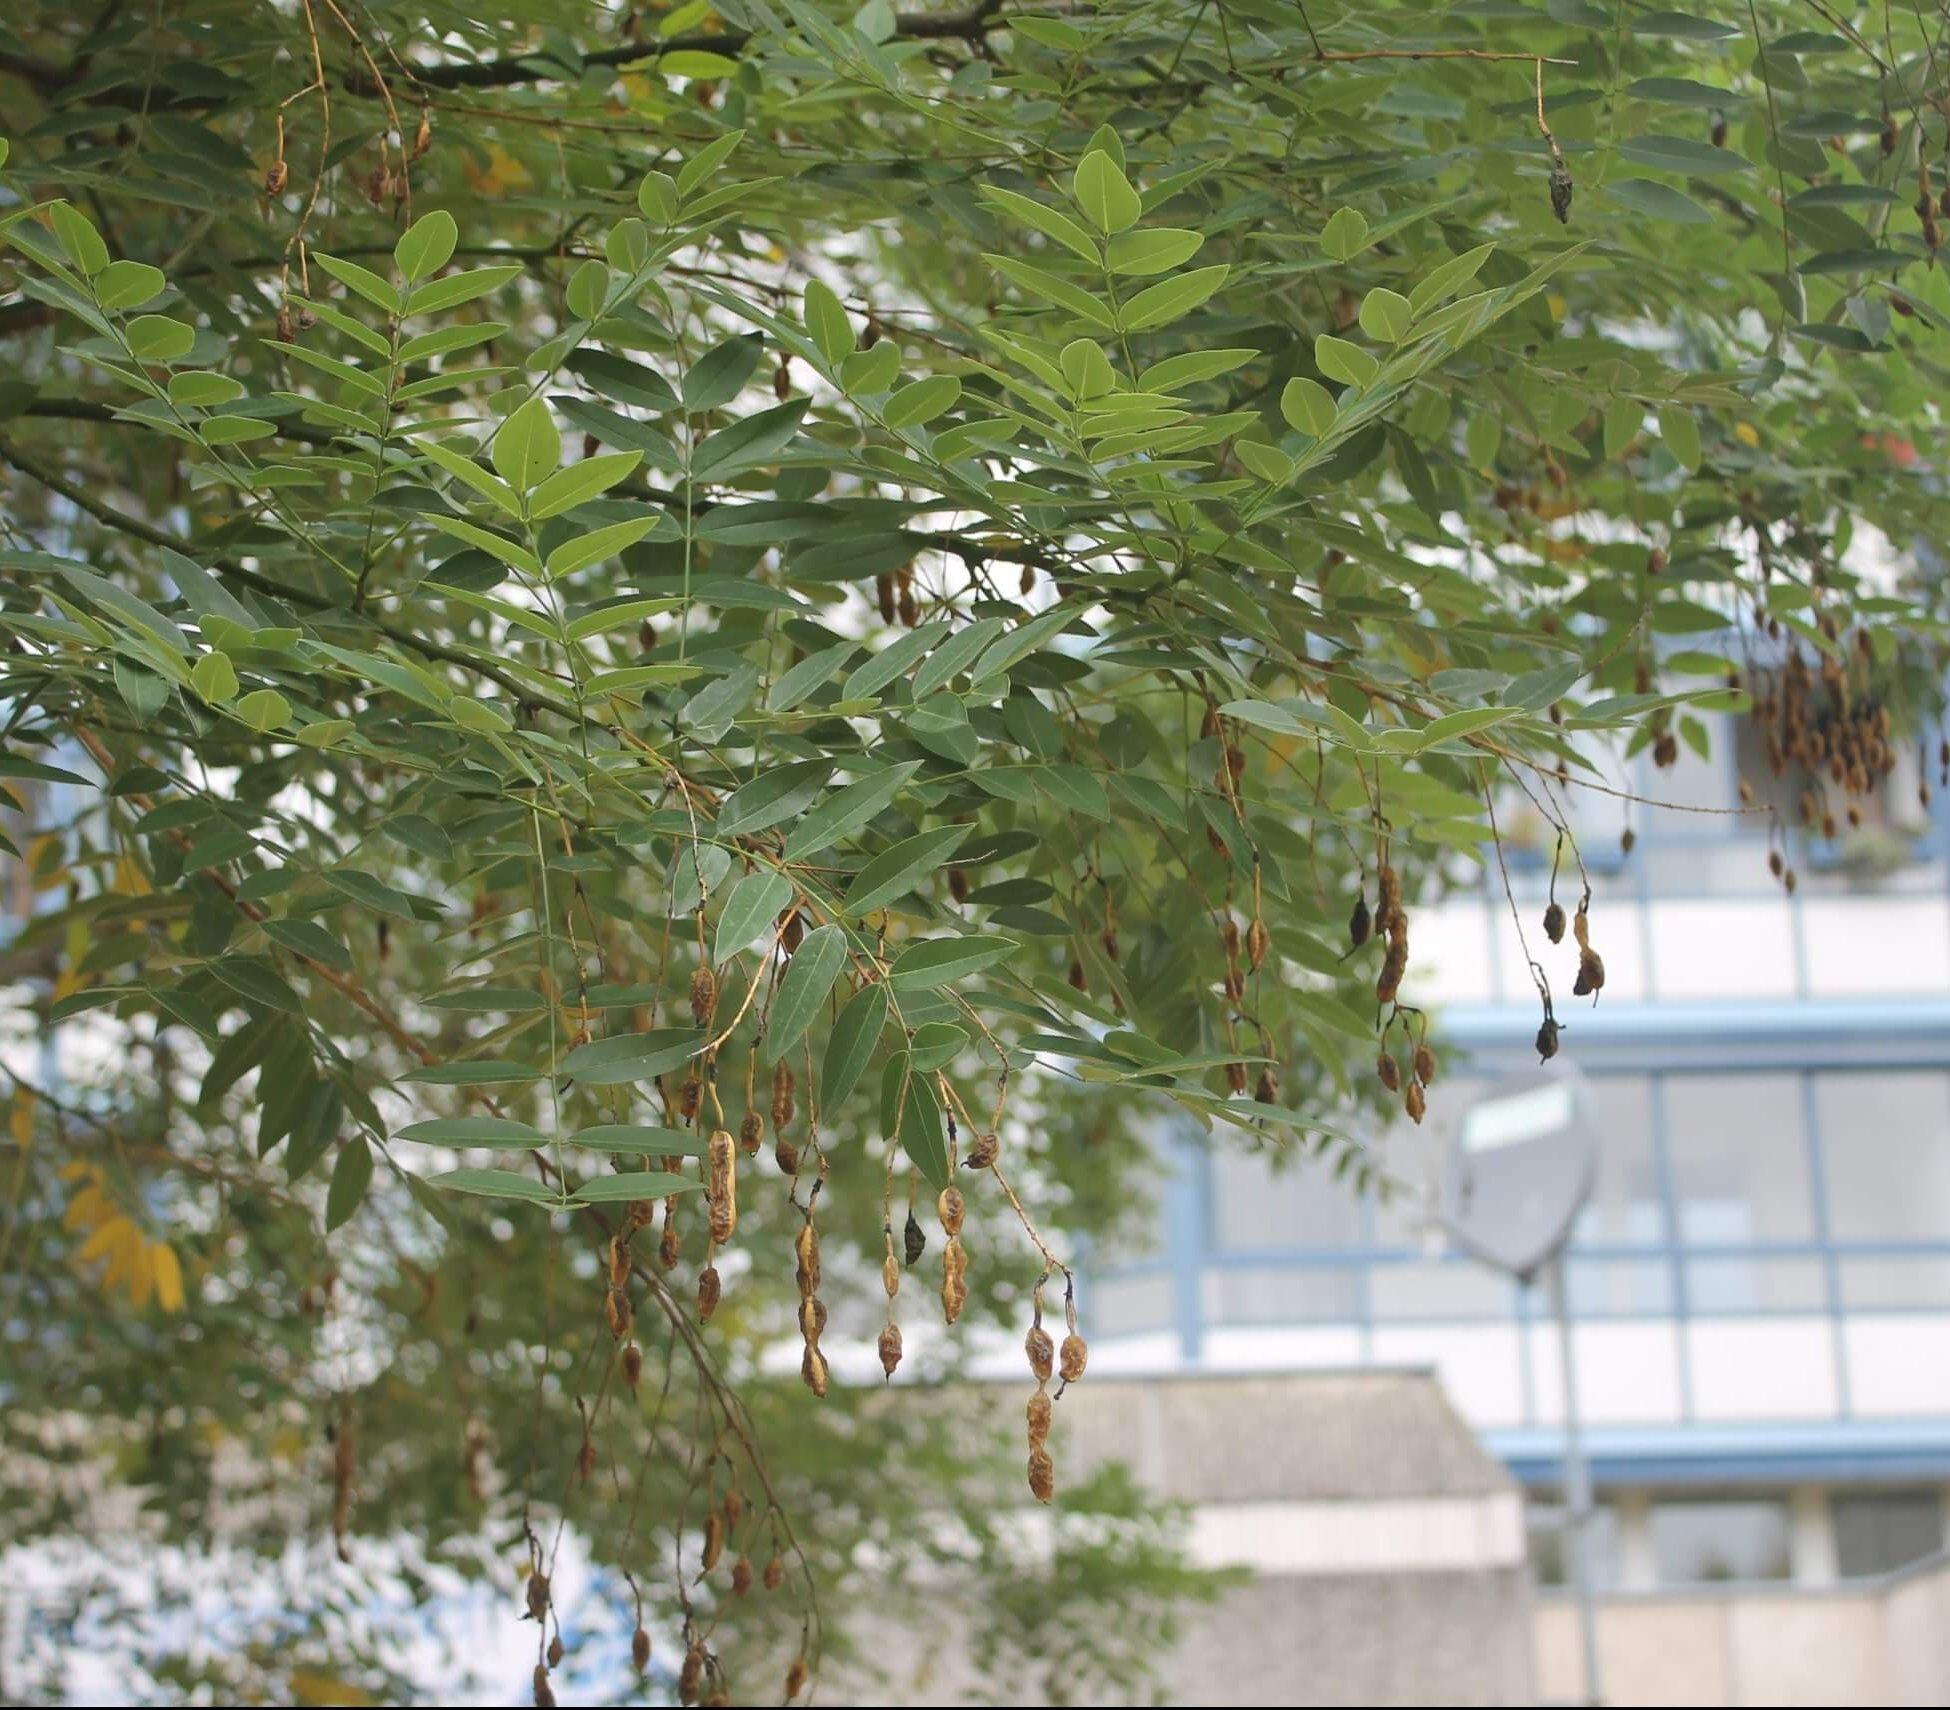 Das Bild zeigt die Gliederhülsen, die nach jedem Samen Einschnürungen zeigen. Sie kennzeichnen die Früchte des Japanischen Schnurbaumes. Sie erinnern auch an Formen von Pagoden in ihrer Aufeinanderfolge der erweiterten Samenkammern. Der Baum steht im zentralen Kosmosviertel.